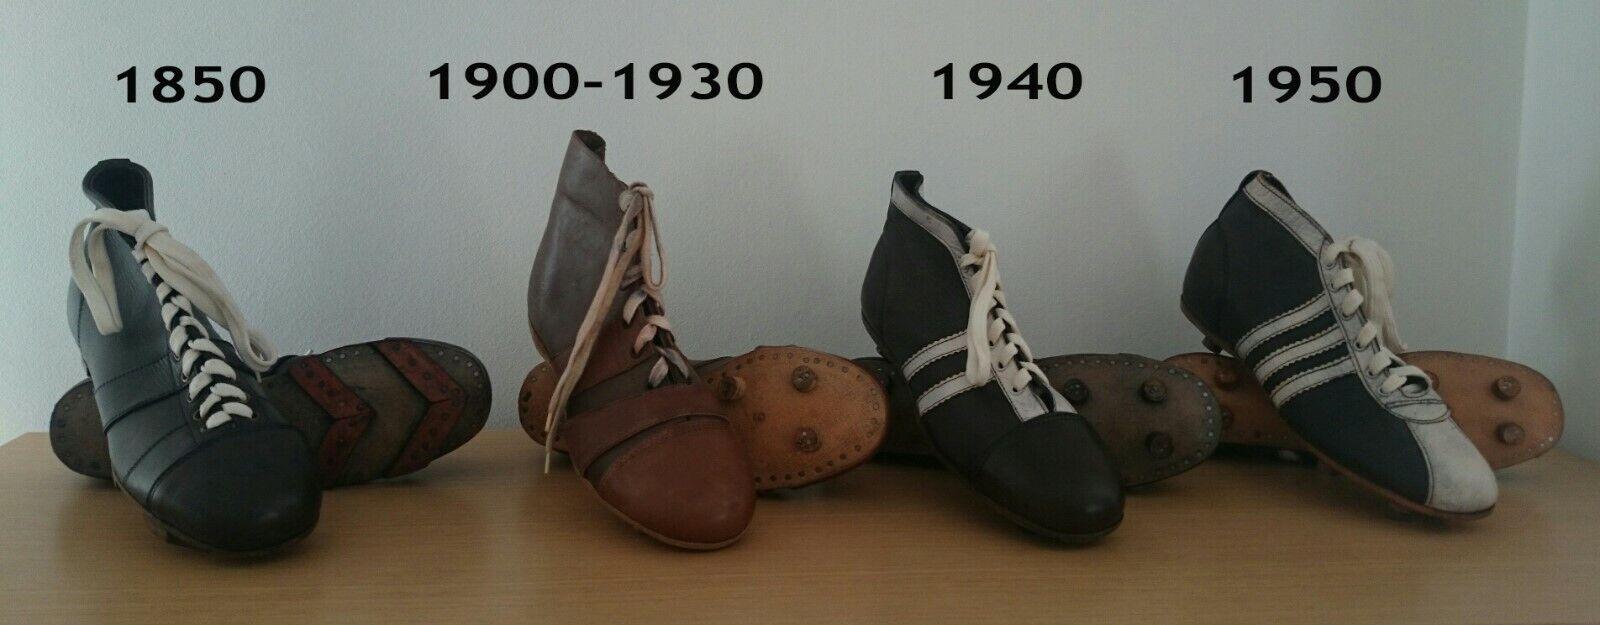 Retro BALONPÍE FÚTBOL botas ZAPATOS Colección 1850-1950